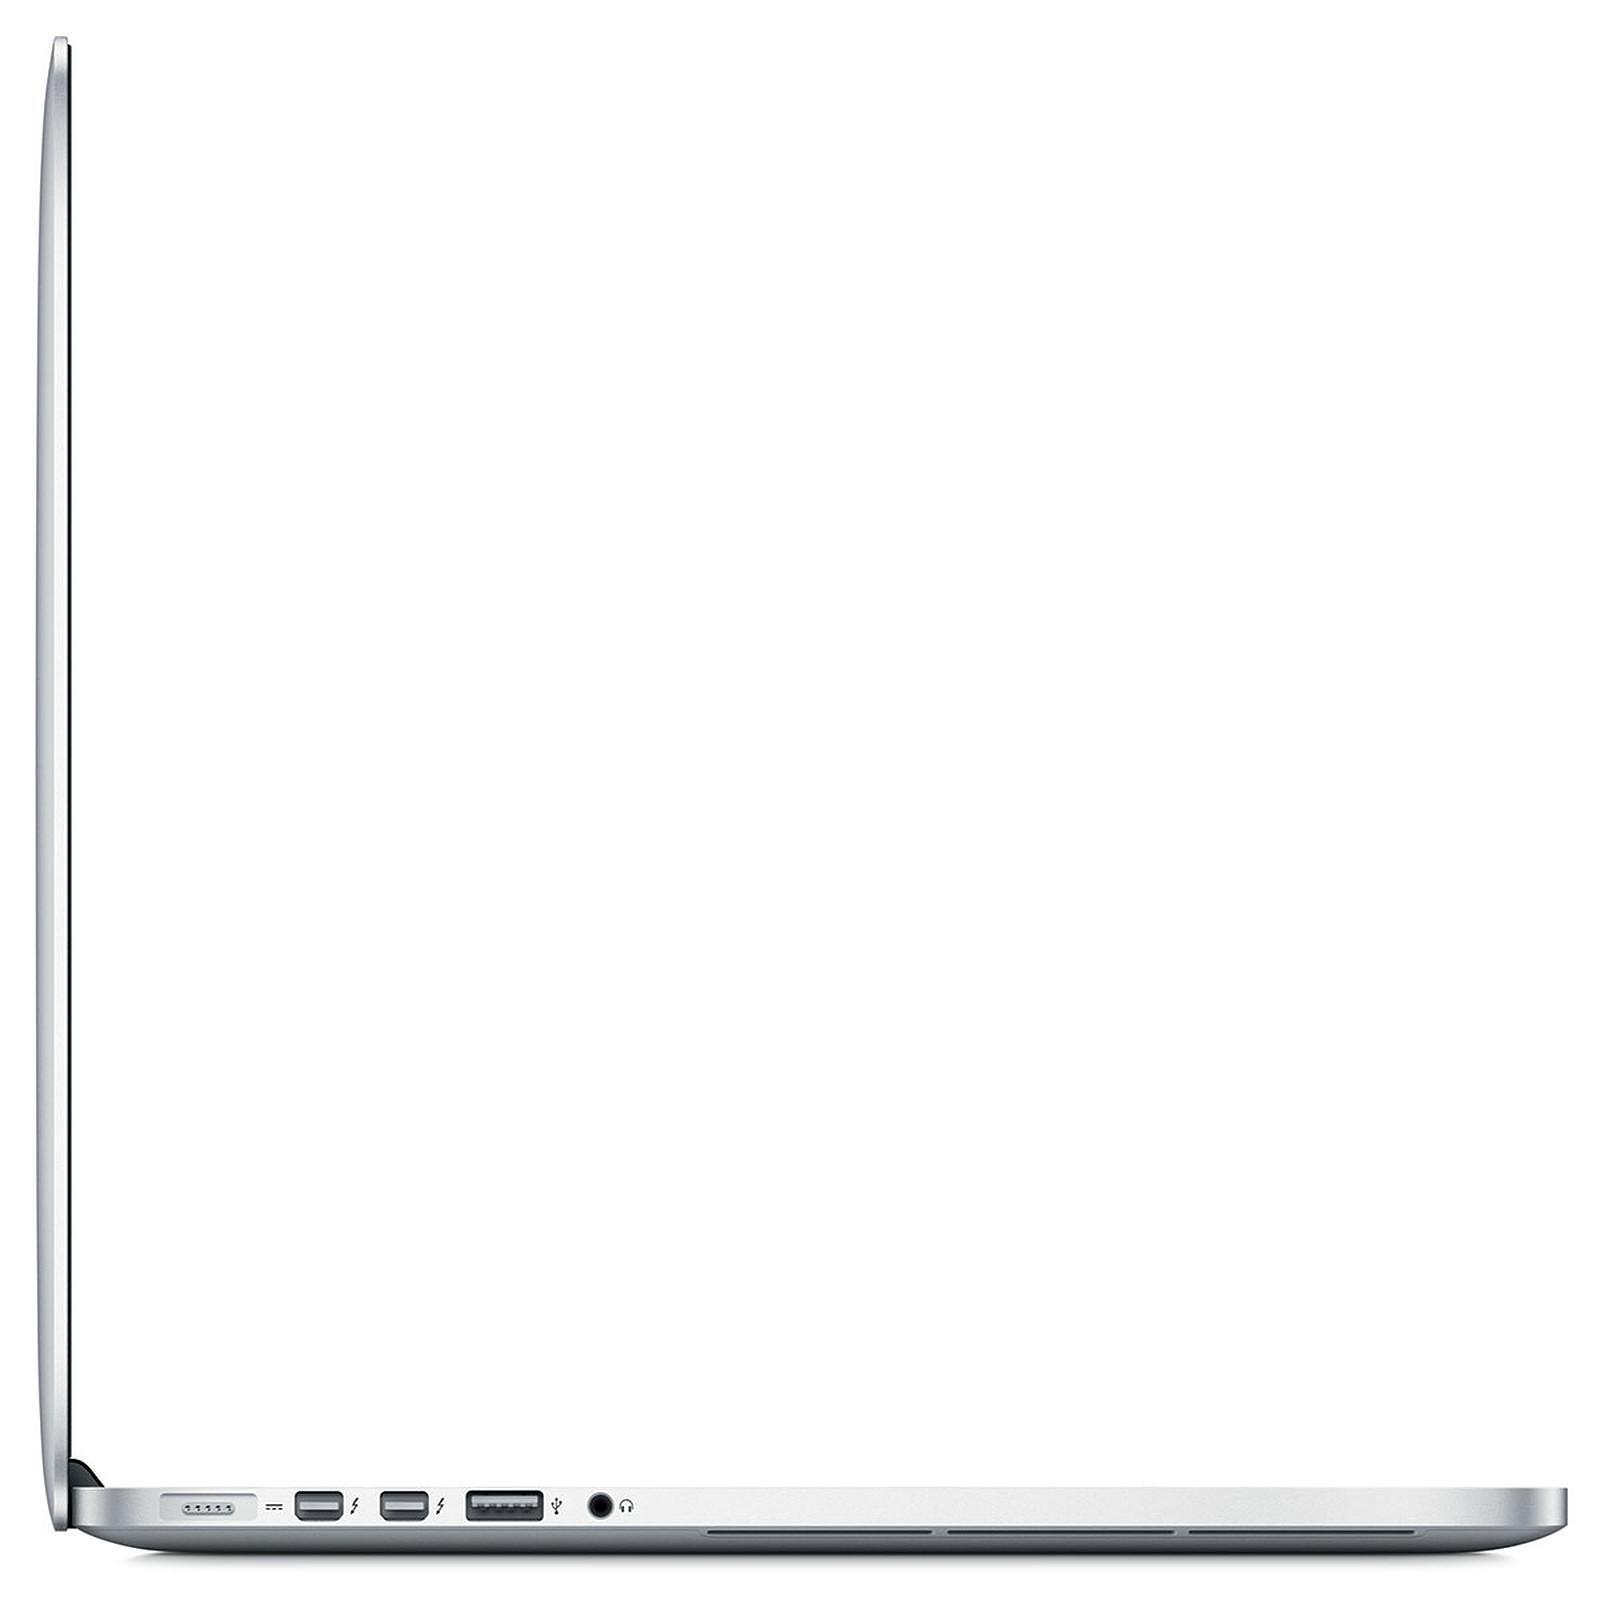 MacBook Pro Retina 15,4-tum (2013) - Core i7 - 8GB - SSD 1000 GB QWERTY - Engelska (USA)